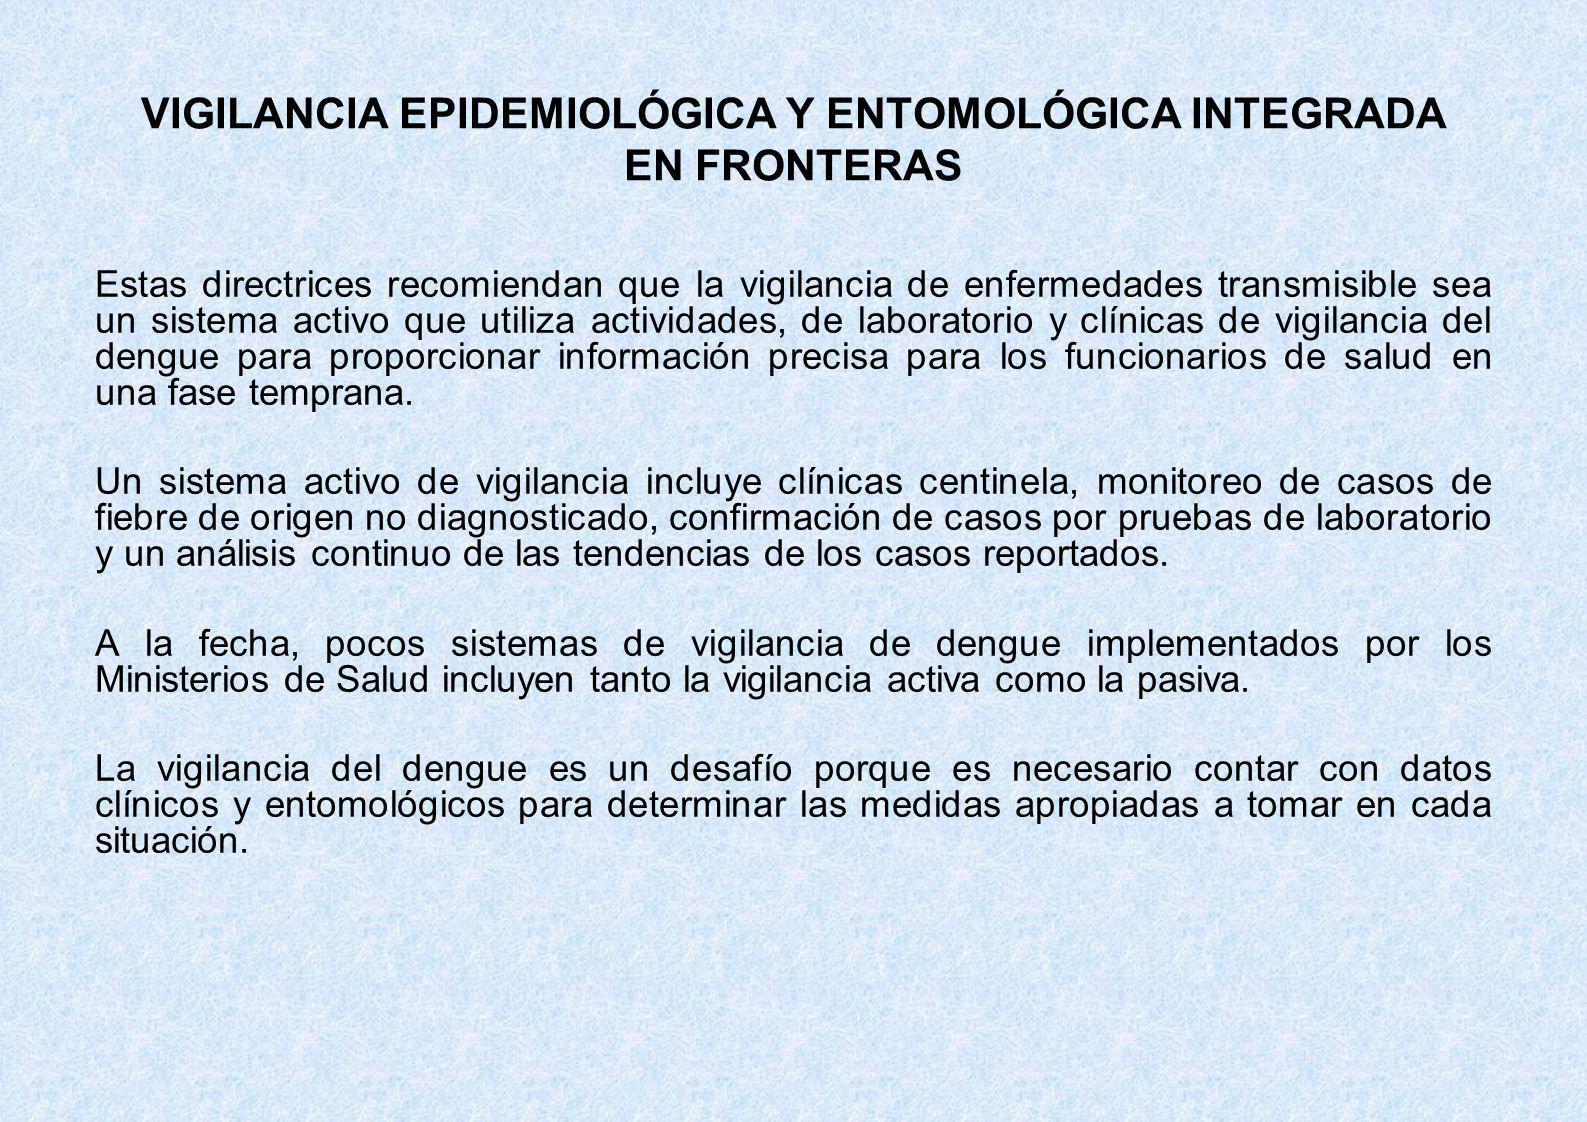 VIGILANCIA EPIDEMIOLÓGICA Y ENTOMOLÓGICA INTEGRADA EN FRONTERAS